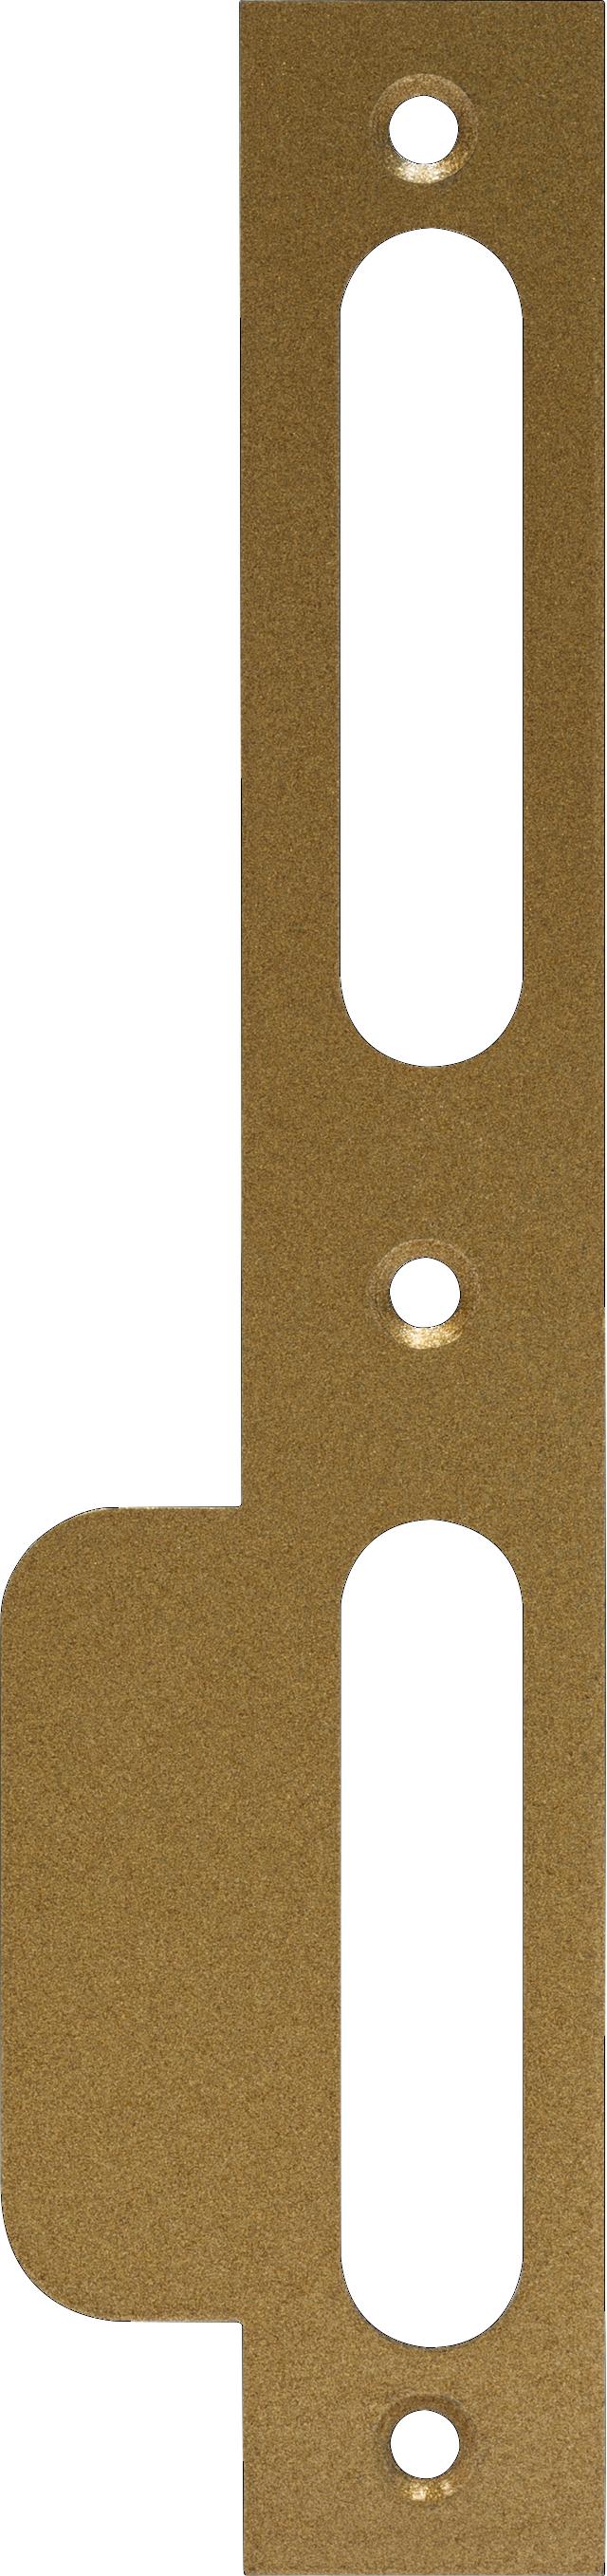 Lappenschließblech LSB170 L G 24